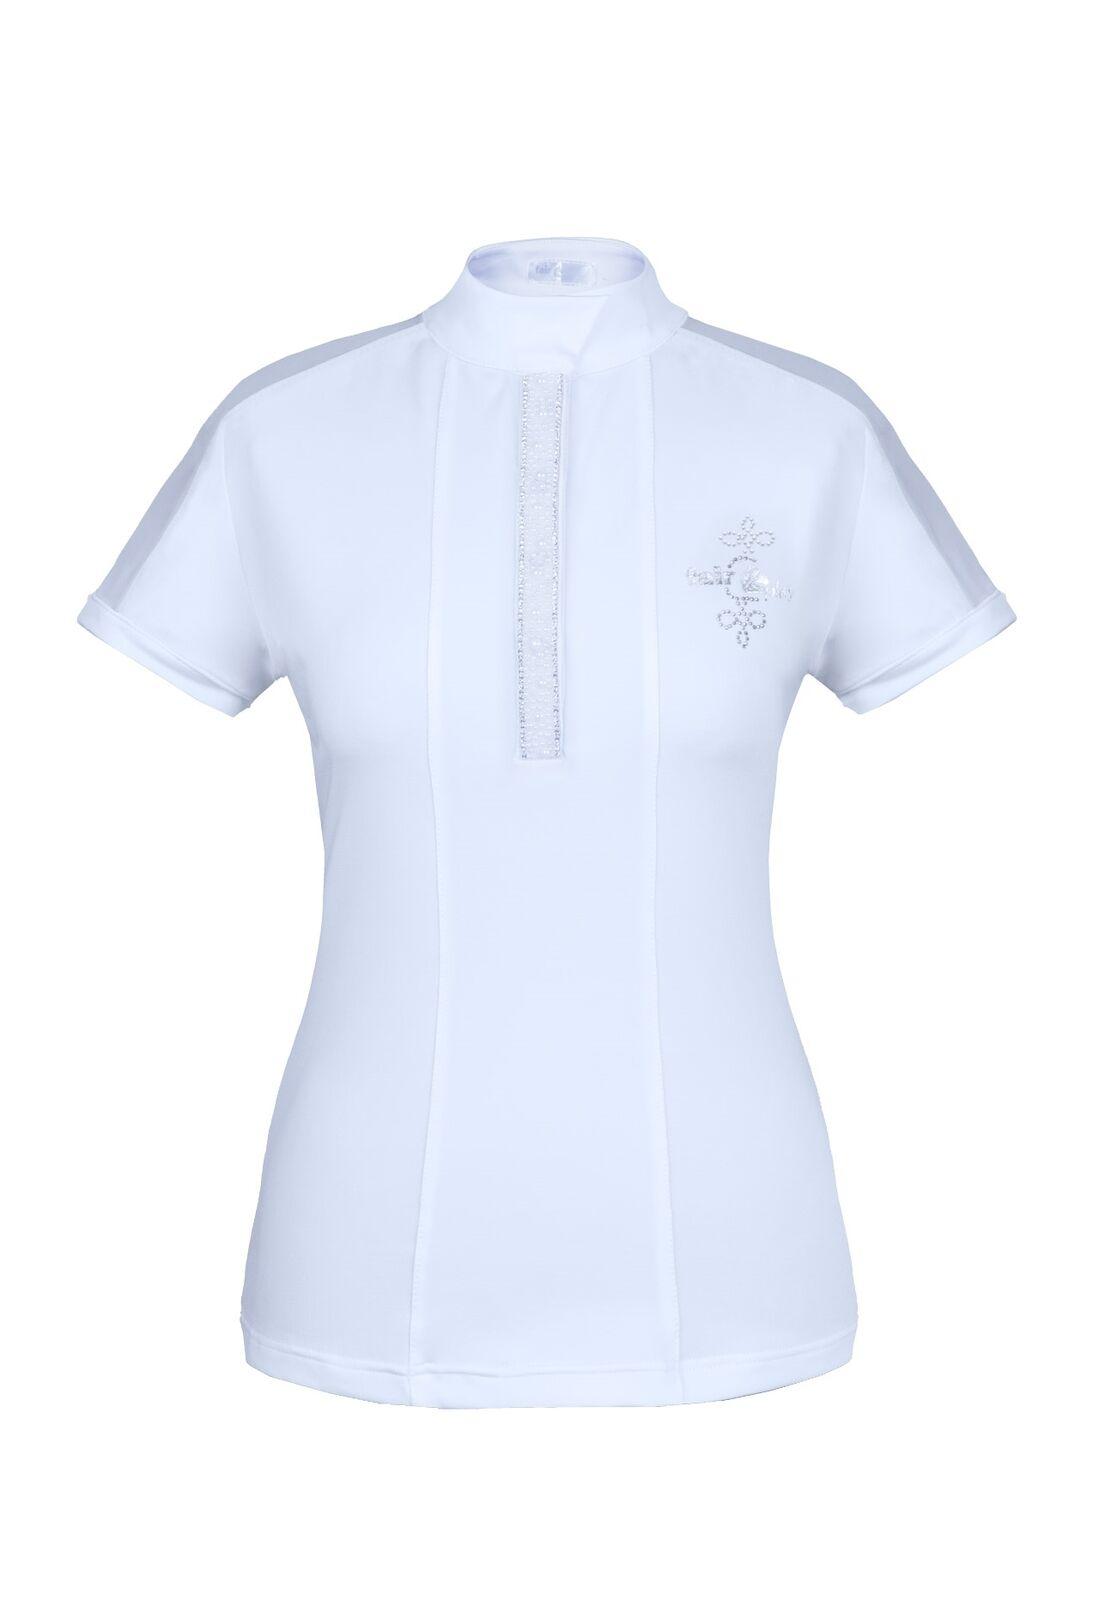 Camisa de competición Fairplay fp Claire, blancoo Perla,